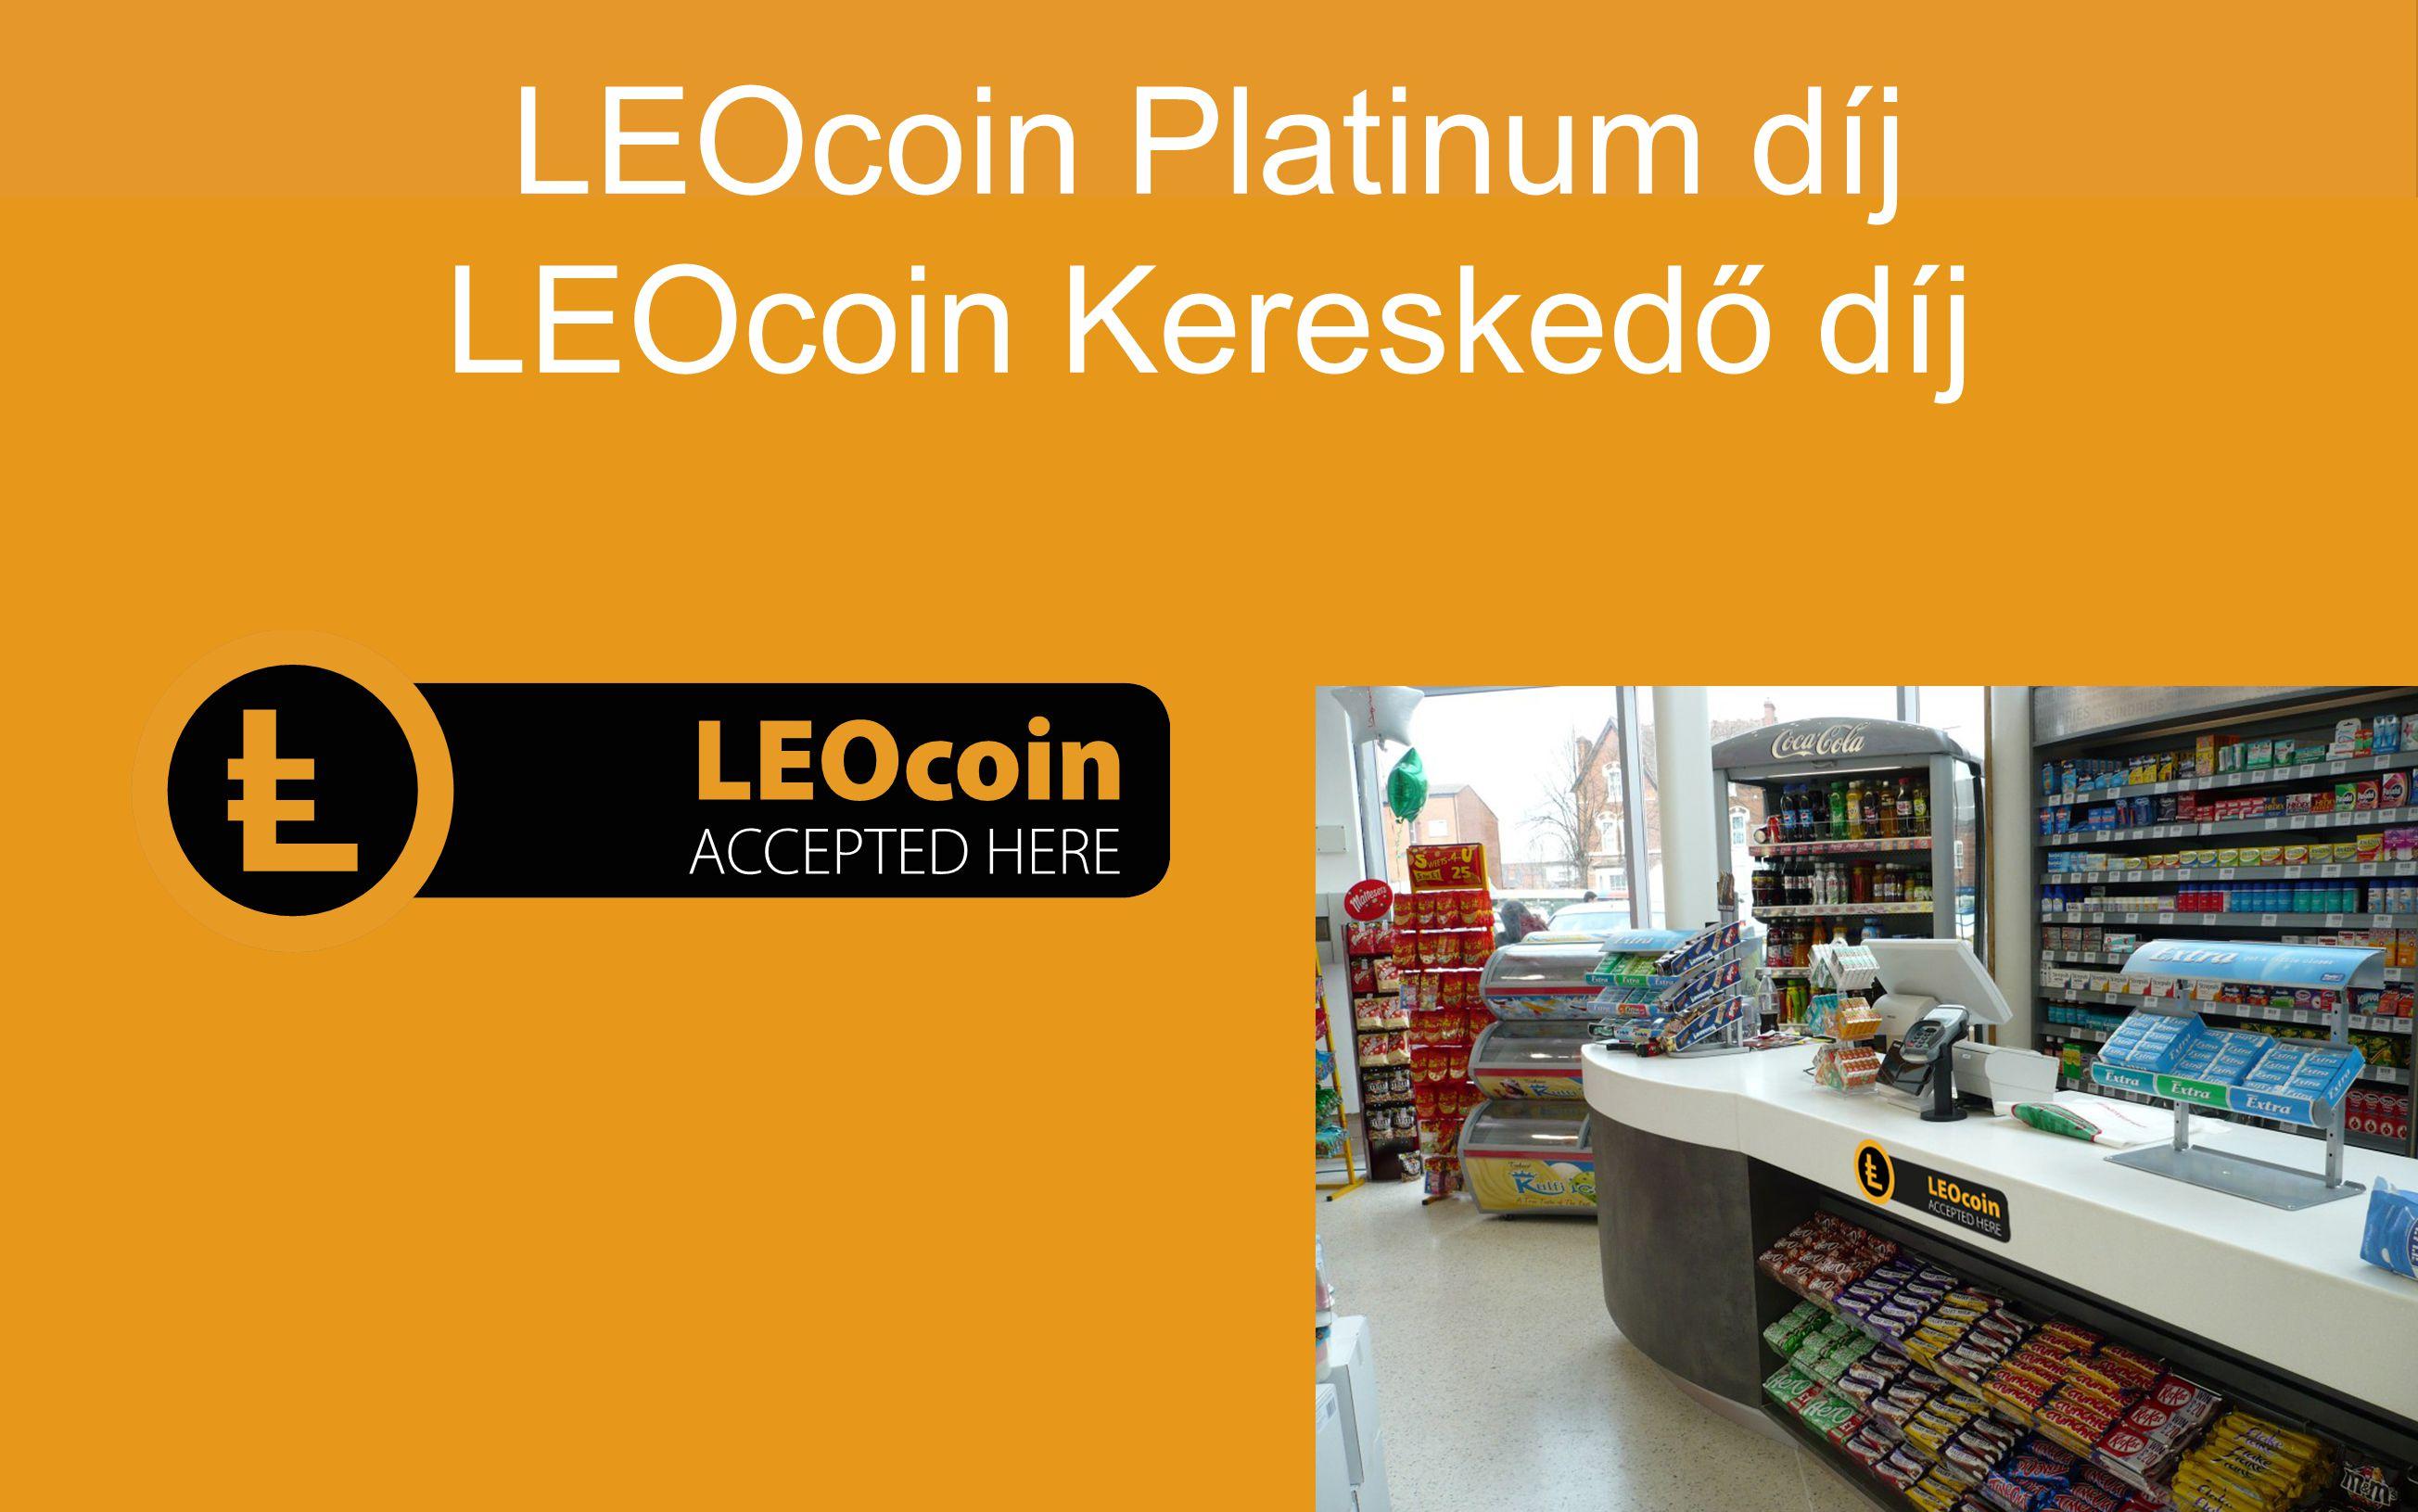 LEOcoin Platinum díj LEOcoin Kereskedő díj